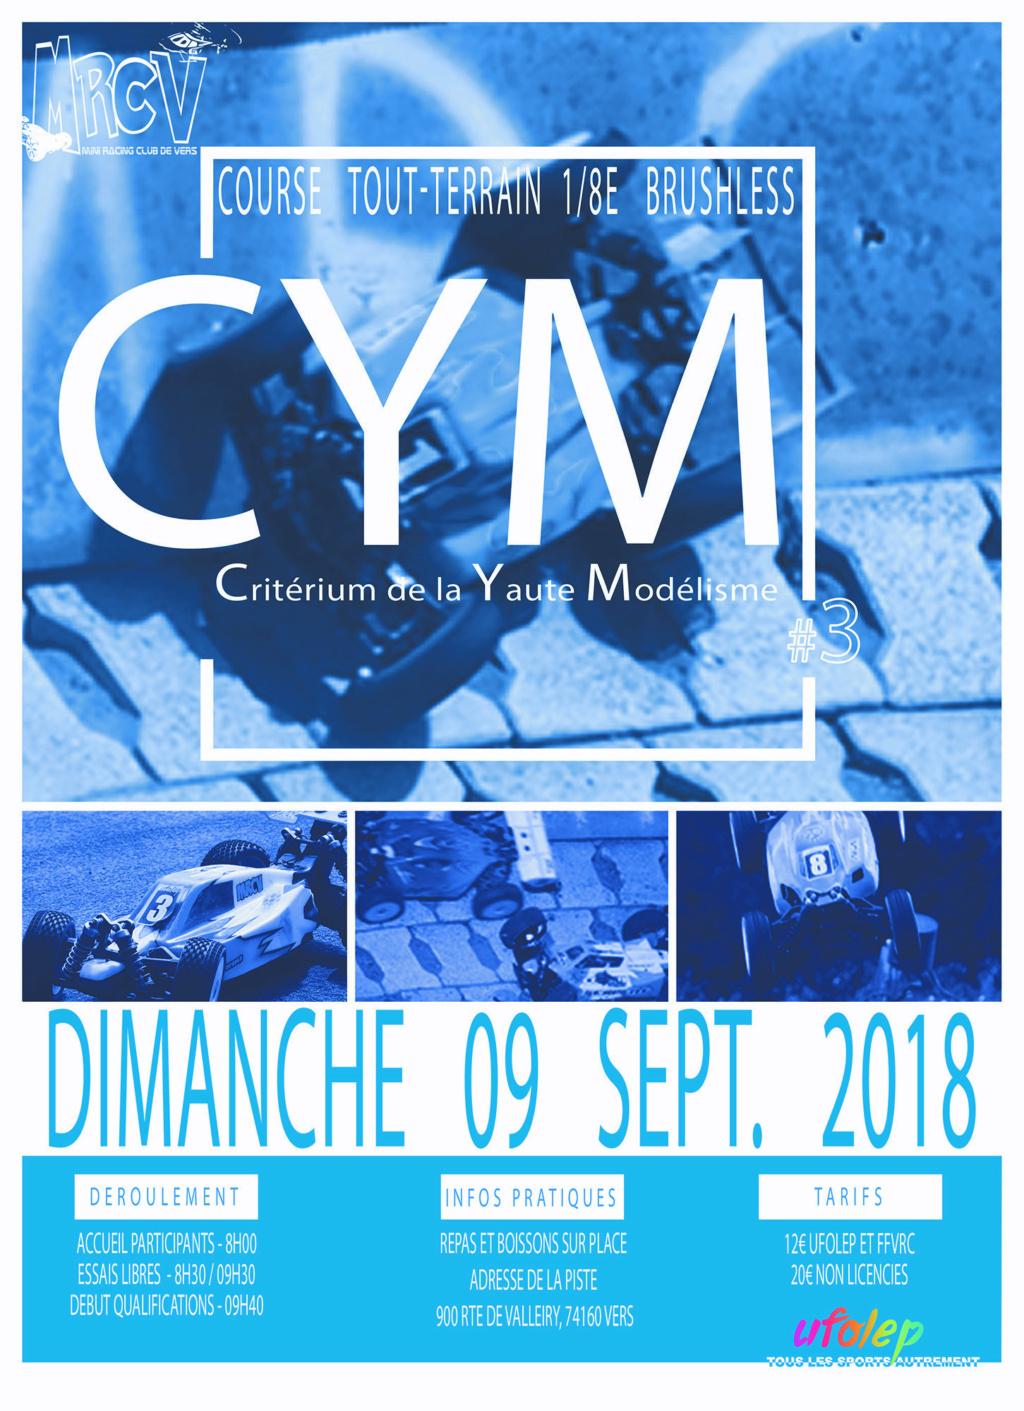 CYM 3ème manche au MRCV : TT 1/8 Bl dimanche 9 Septembre - Page 2 4094f810